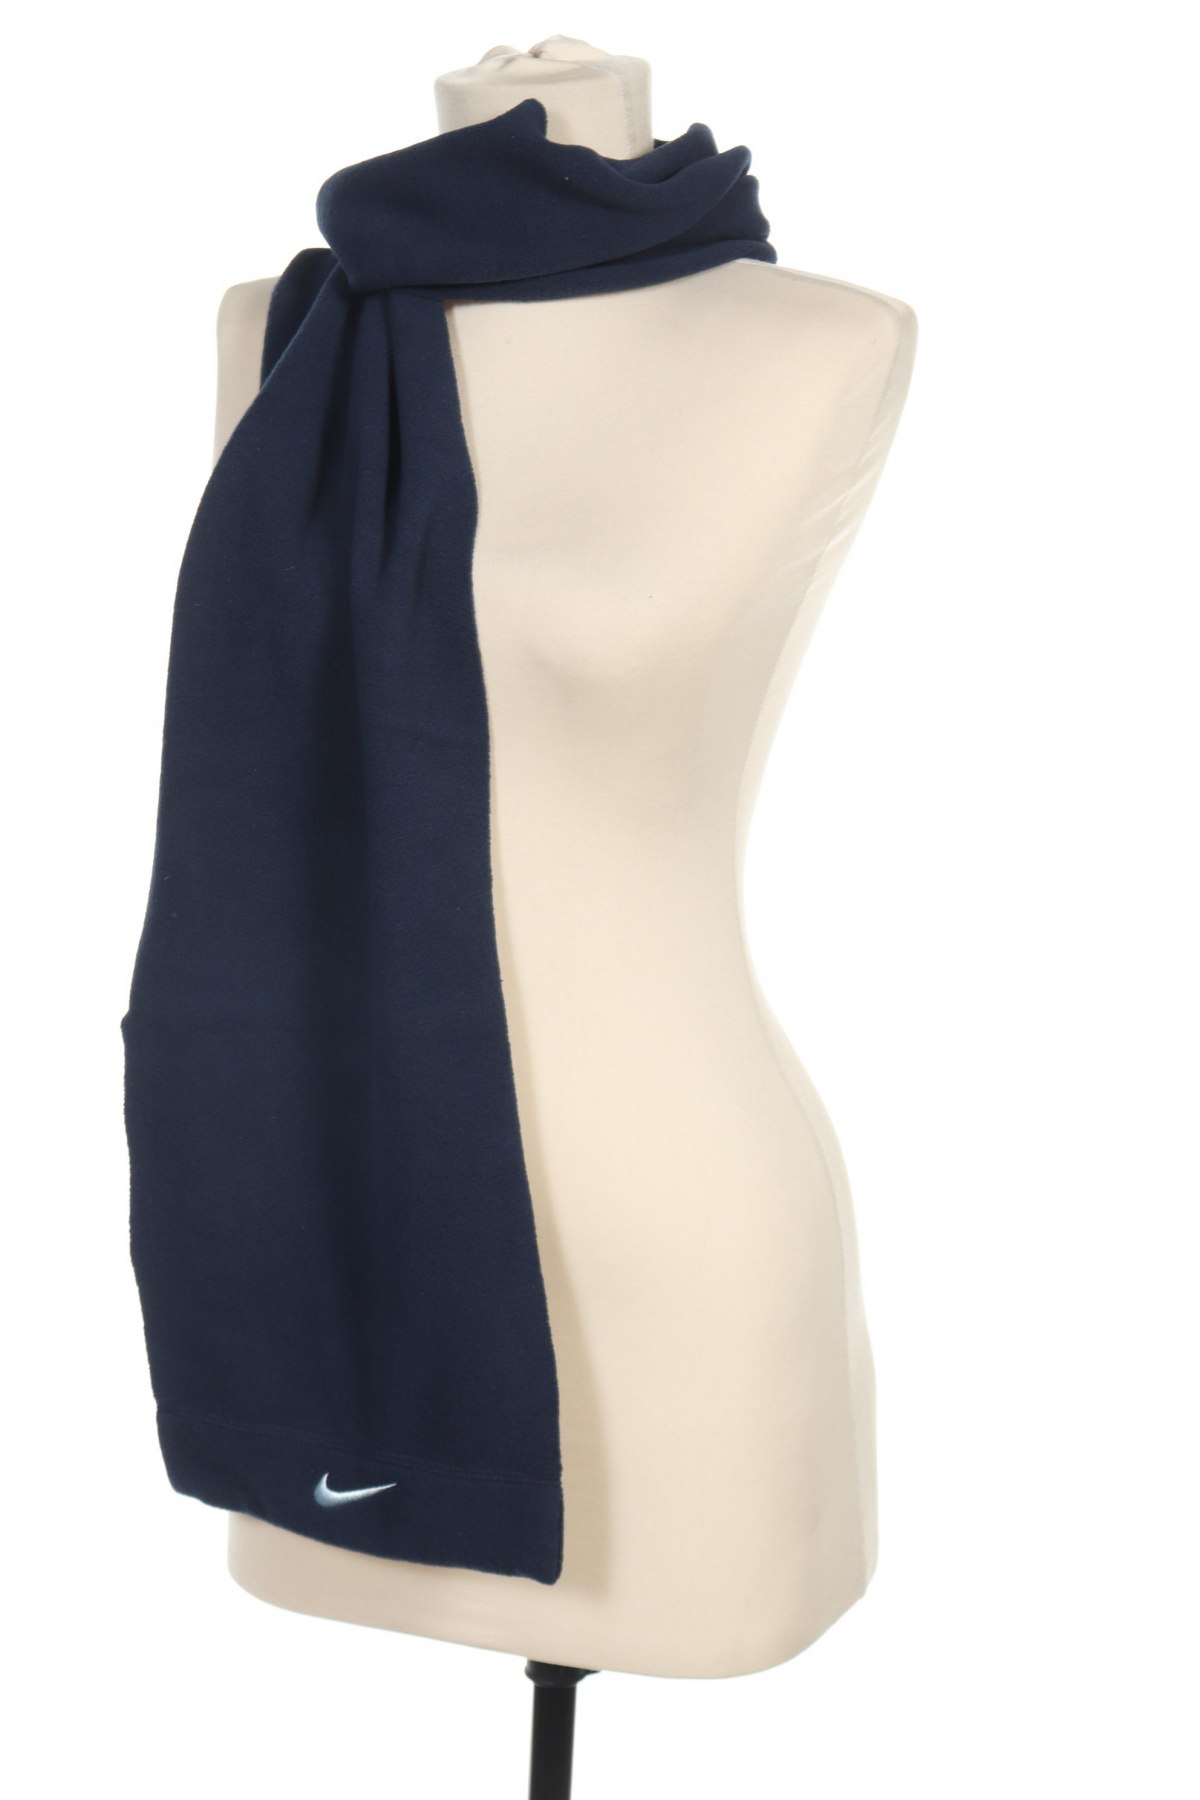 Κασκόλ Nike, Χρώμα Μπλέ, 100% πολυεστέρας, Τιμή 18,71€